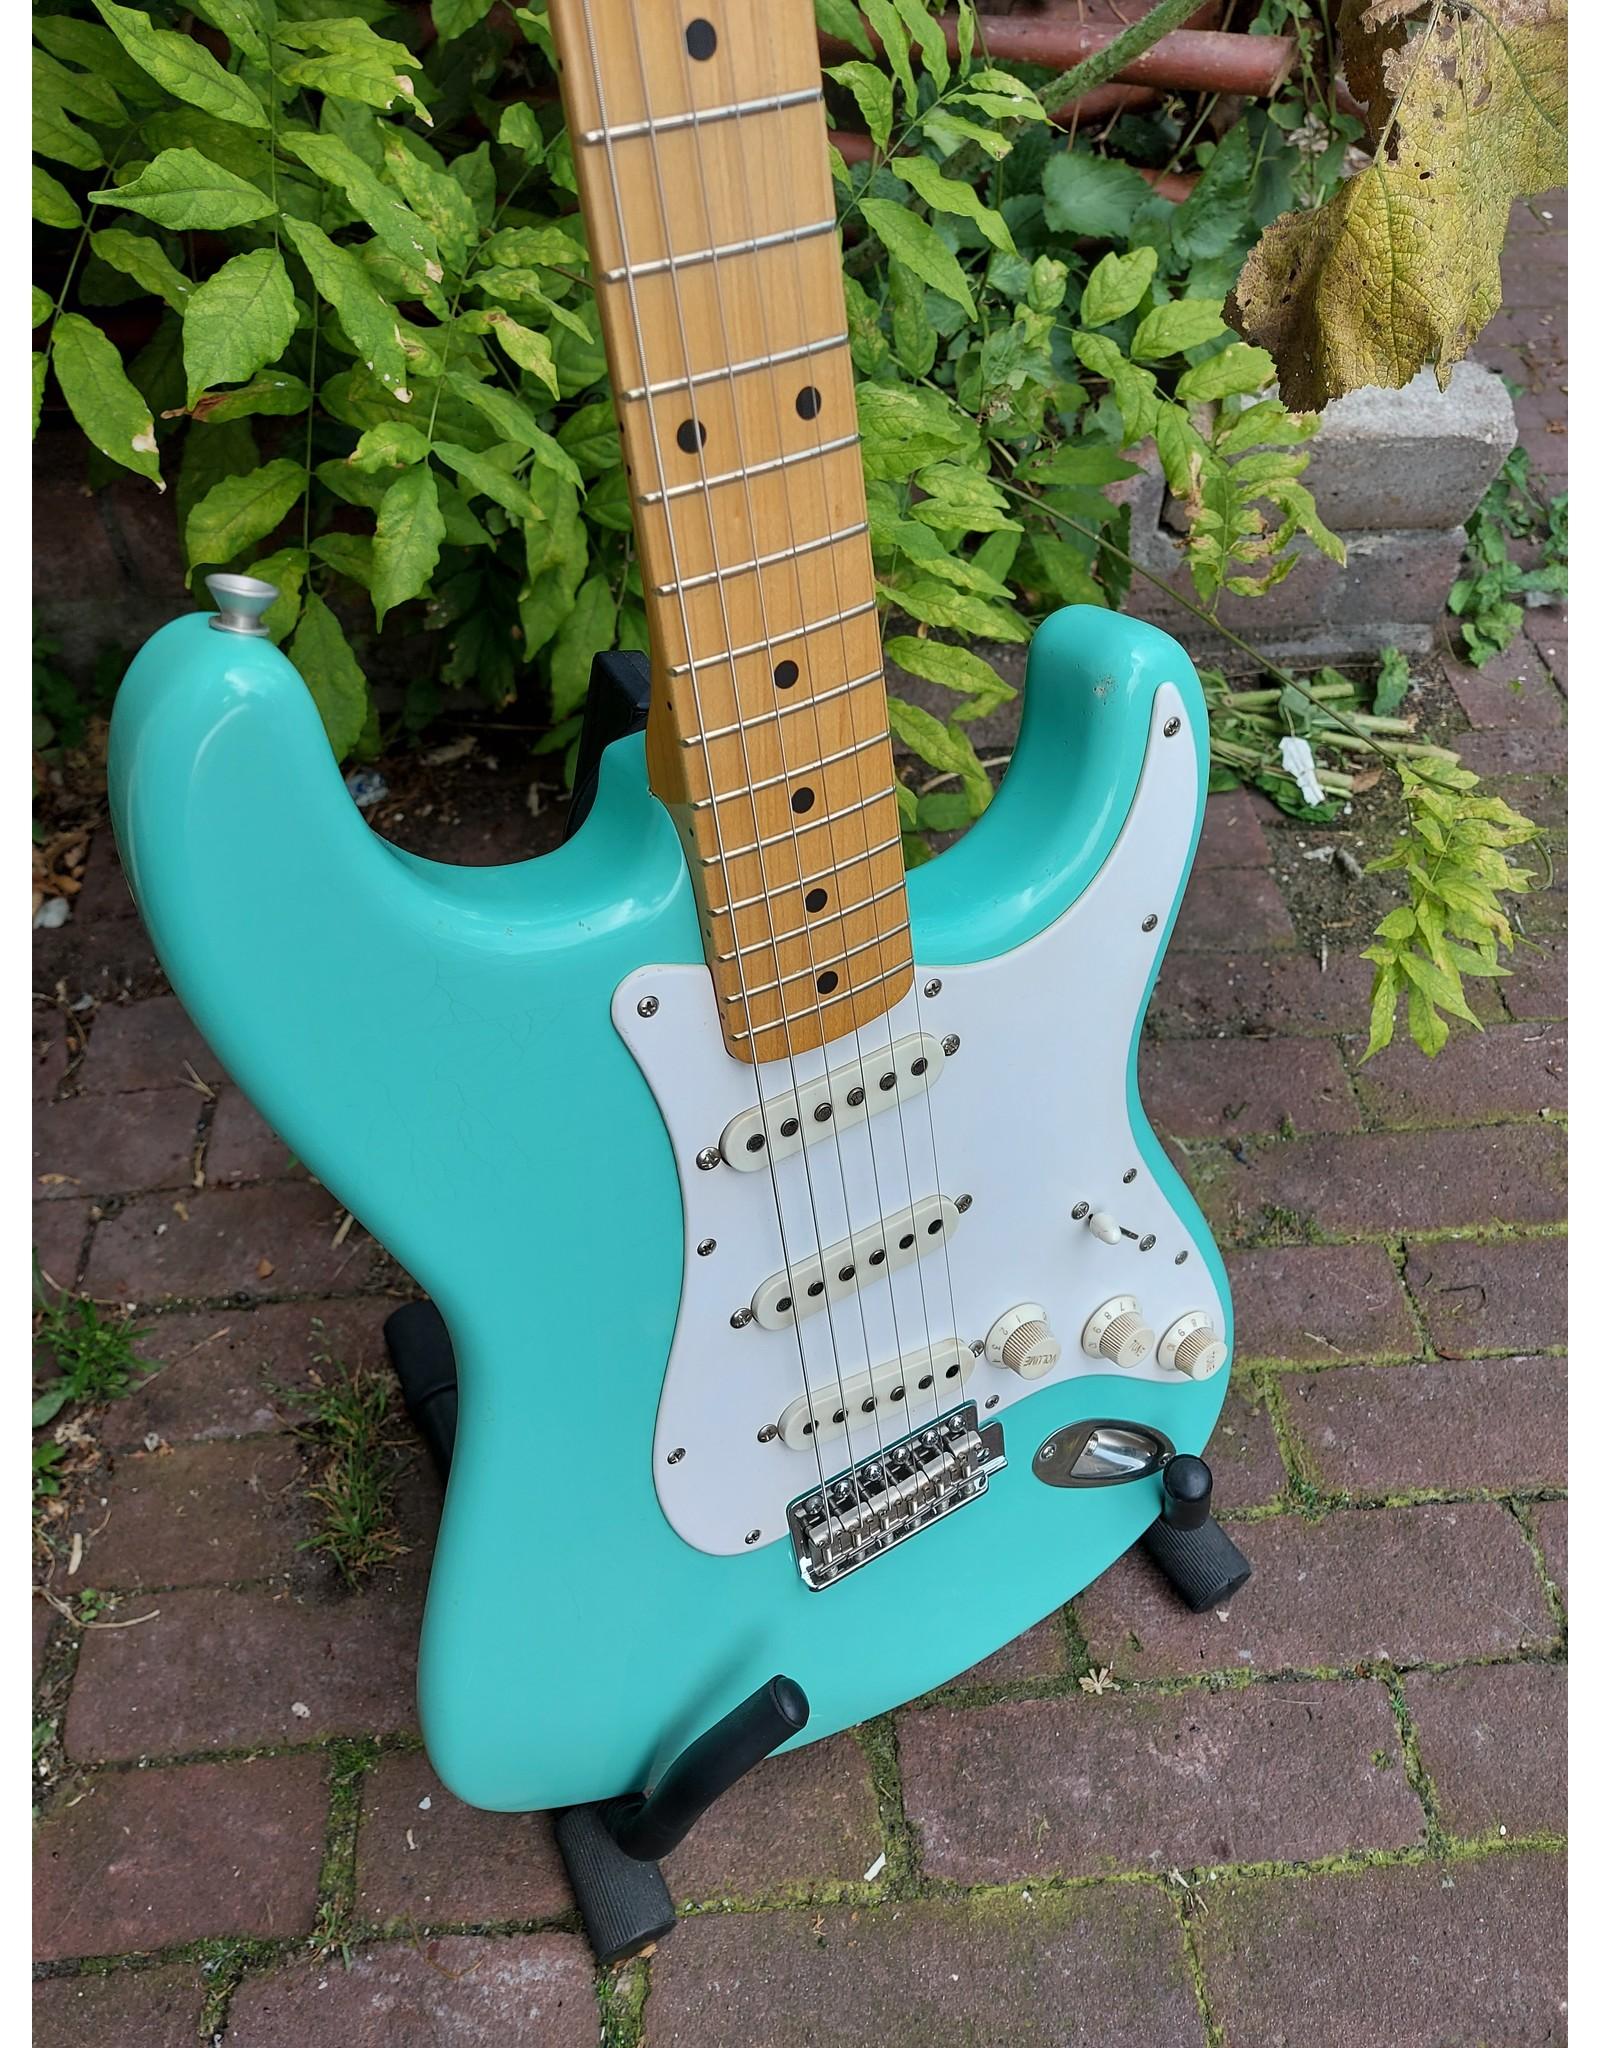 Del-tone Del-Tone 50's S-Style Surf green